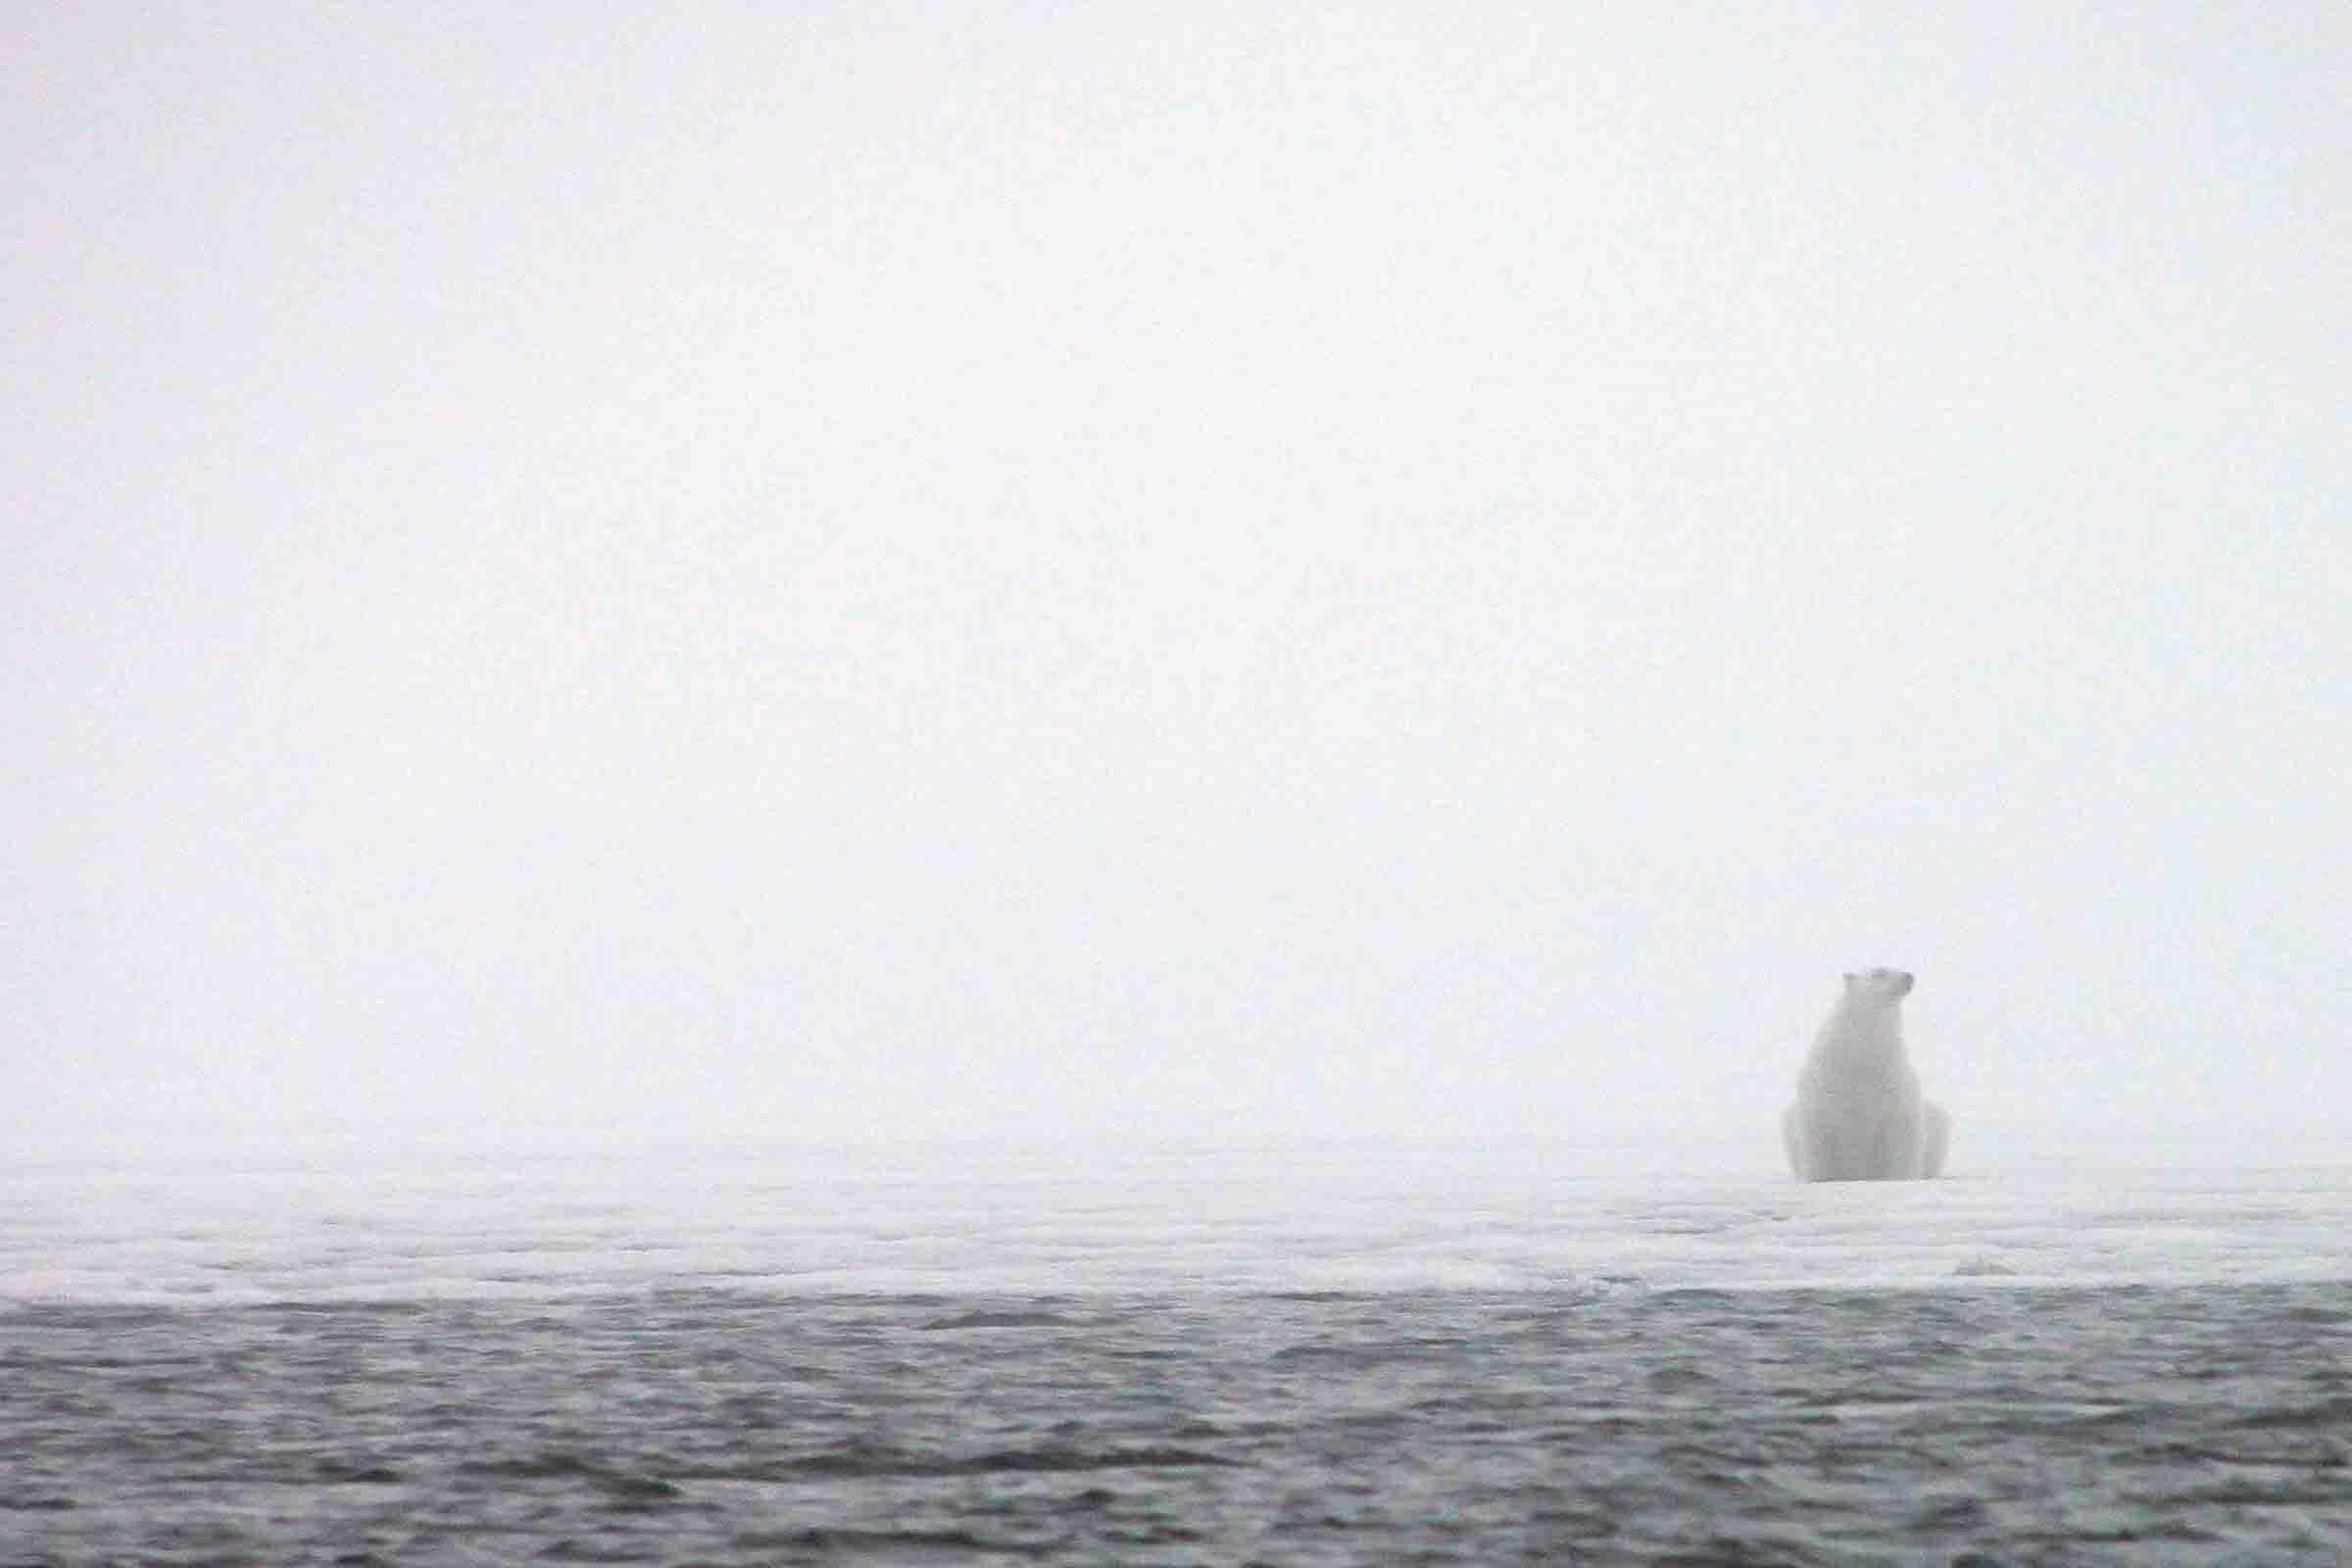 polar bear sitting on the ice